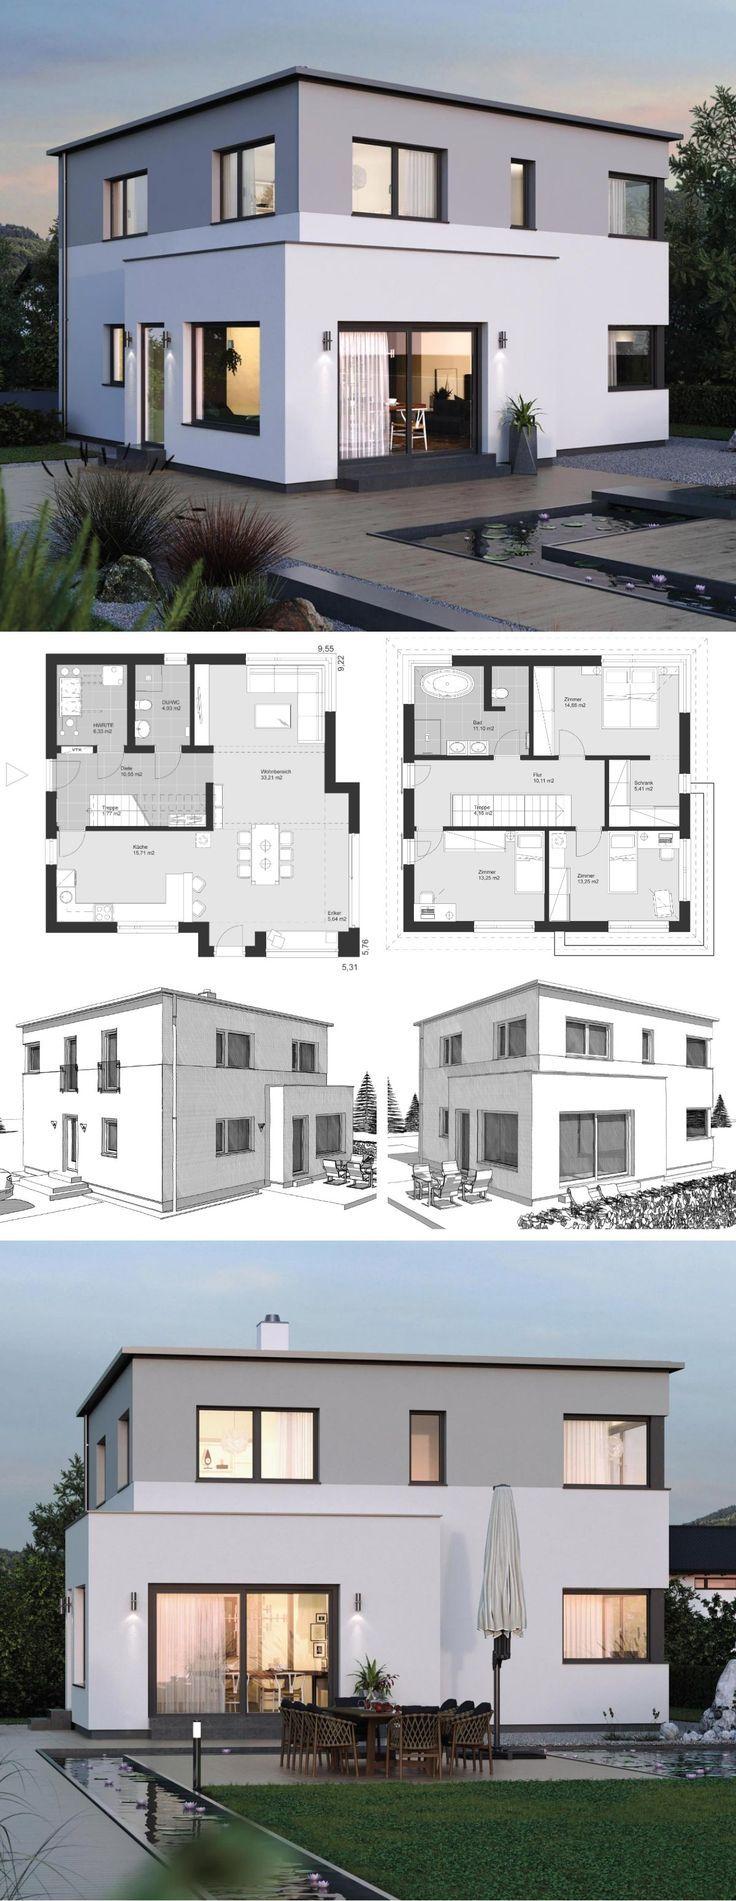 Modernes Einfamilienhaus ELK Haus 145 ELK Fertighaus